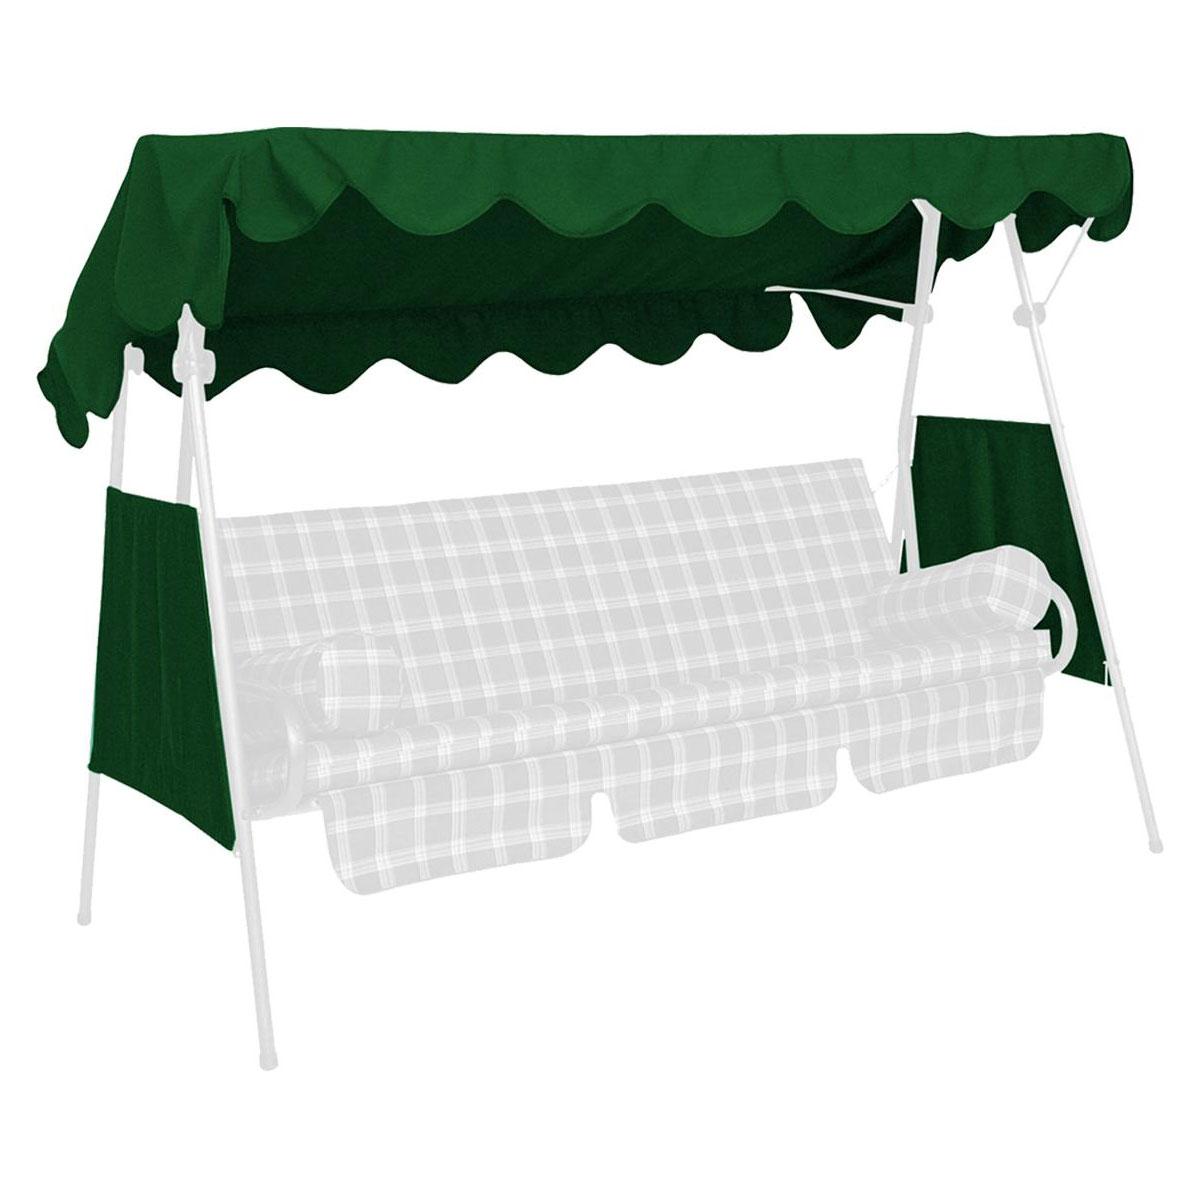 Hollywoodschaukeln - Sonnendach, 200x120 cm, Swingtex, tannengrün Tannengrün  - Onlineshop Hellweg